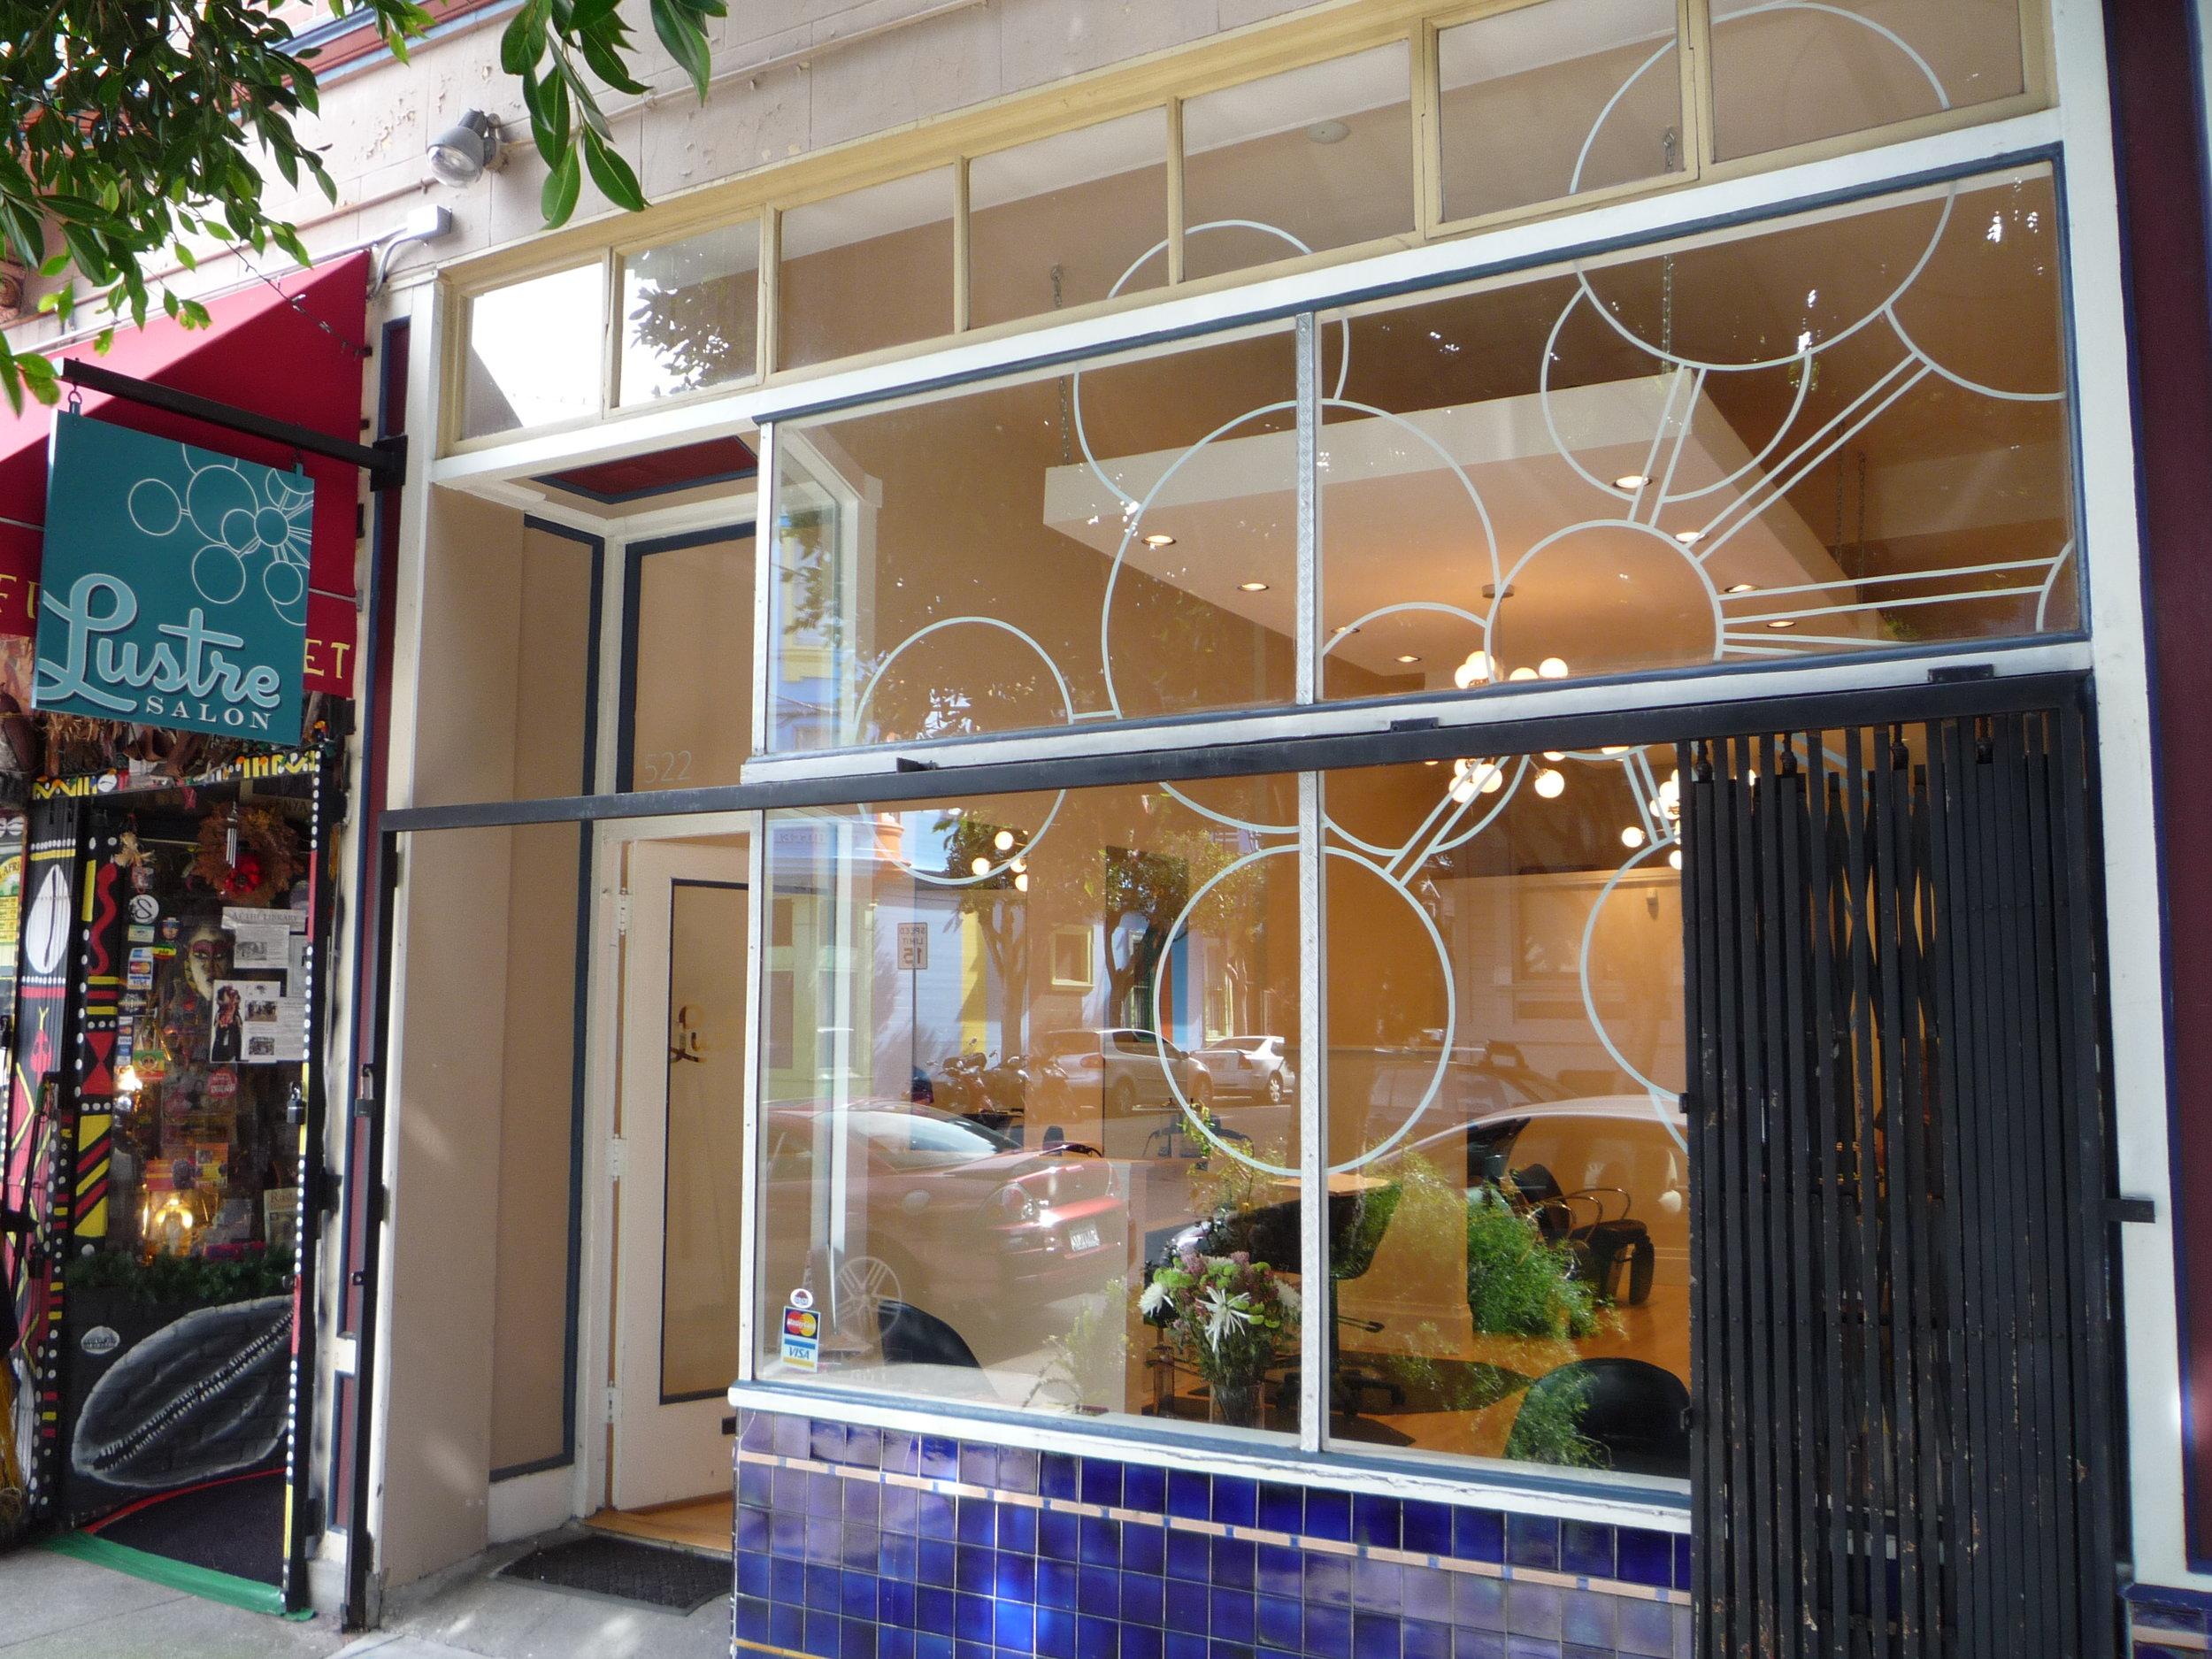 WINDOW-lustre-salon-window_5878201041_o.jpg